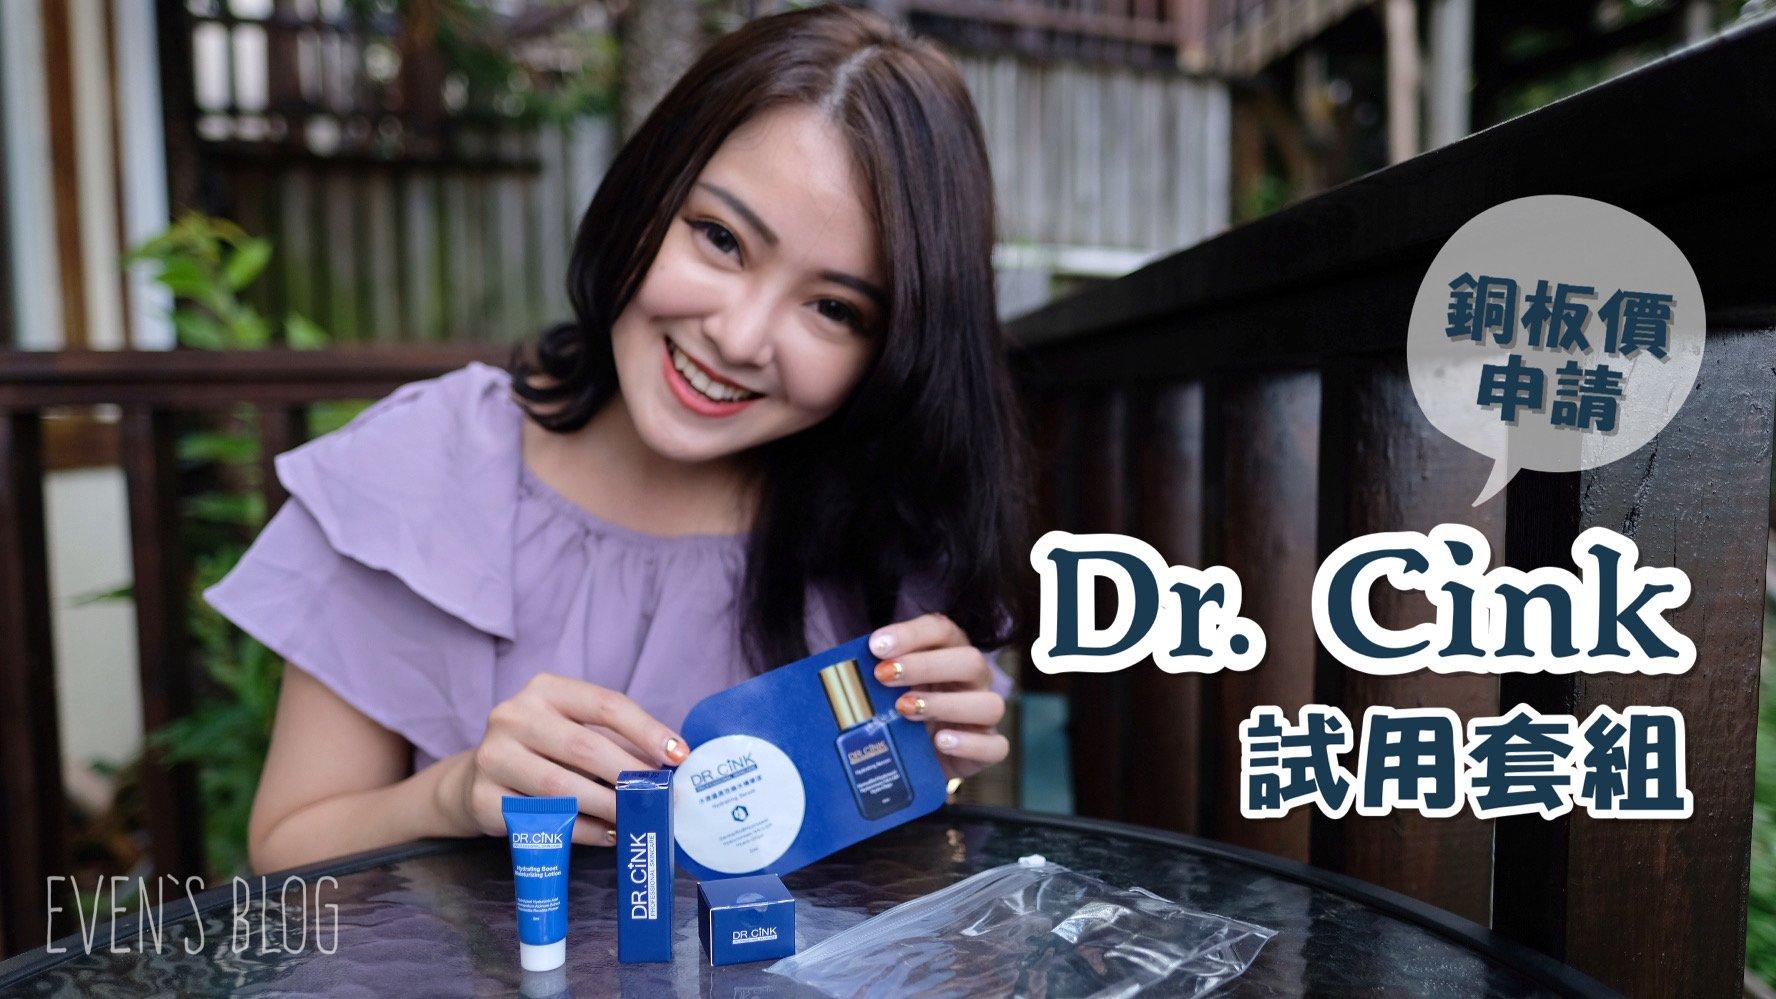 【保養】銅板價就可以申請我的愛牌Dr.Cink試用套組/旅行組!♥